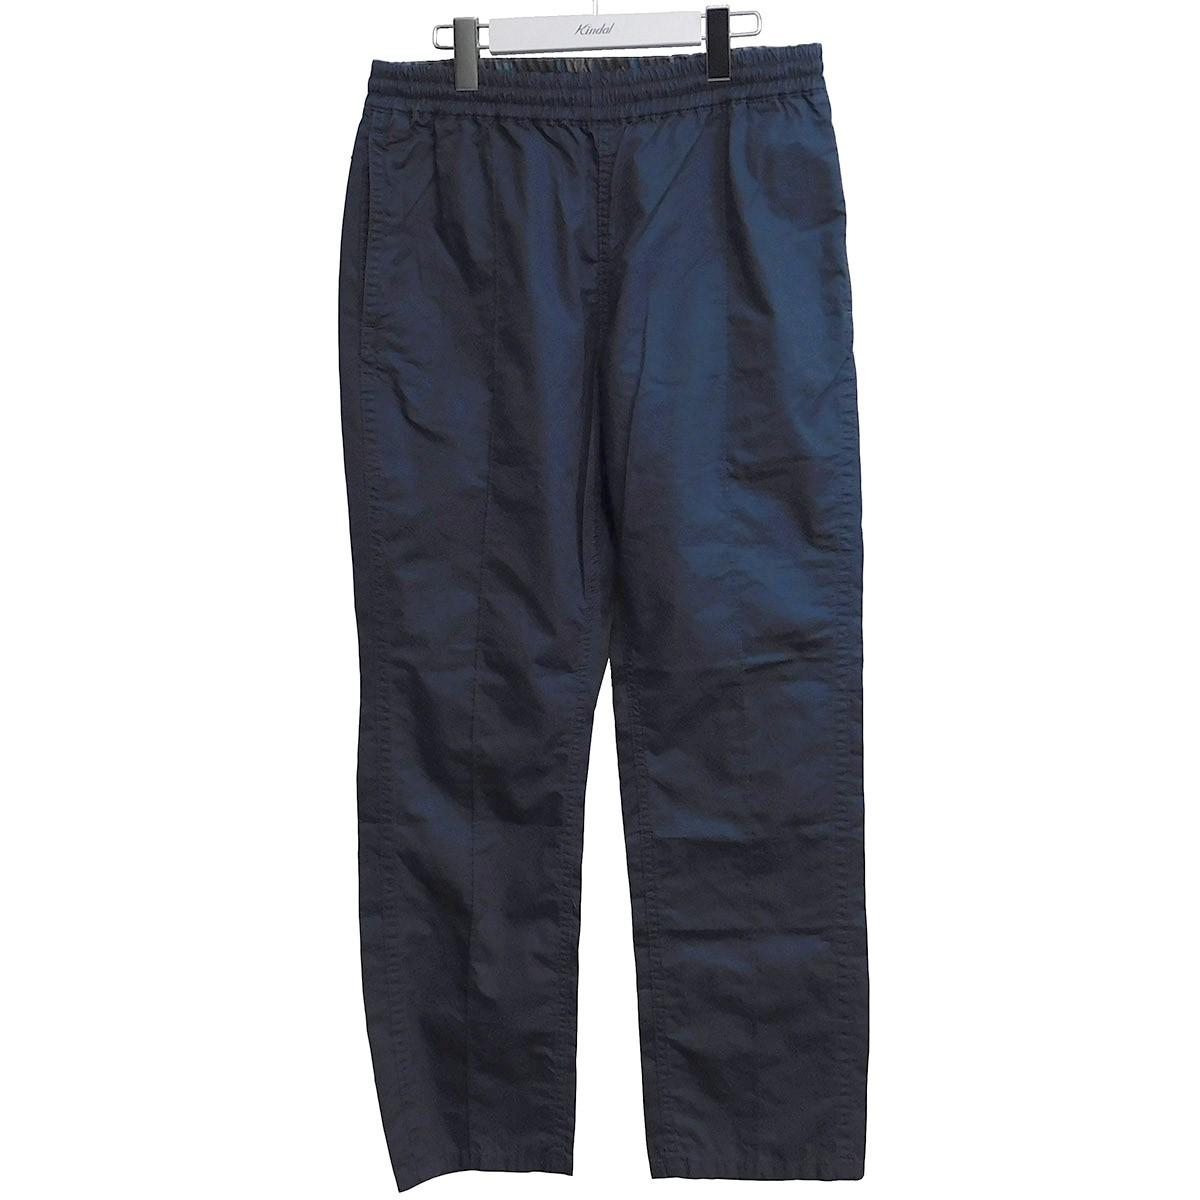 【中古】nonnative 2020SS OFFICER EASY PANTS イージーパンツ ブルー サイズ:1 【200720】(ノンネイティブ)